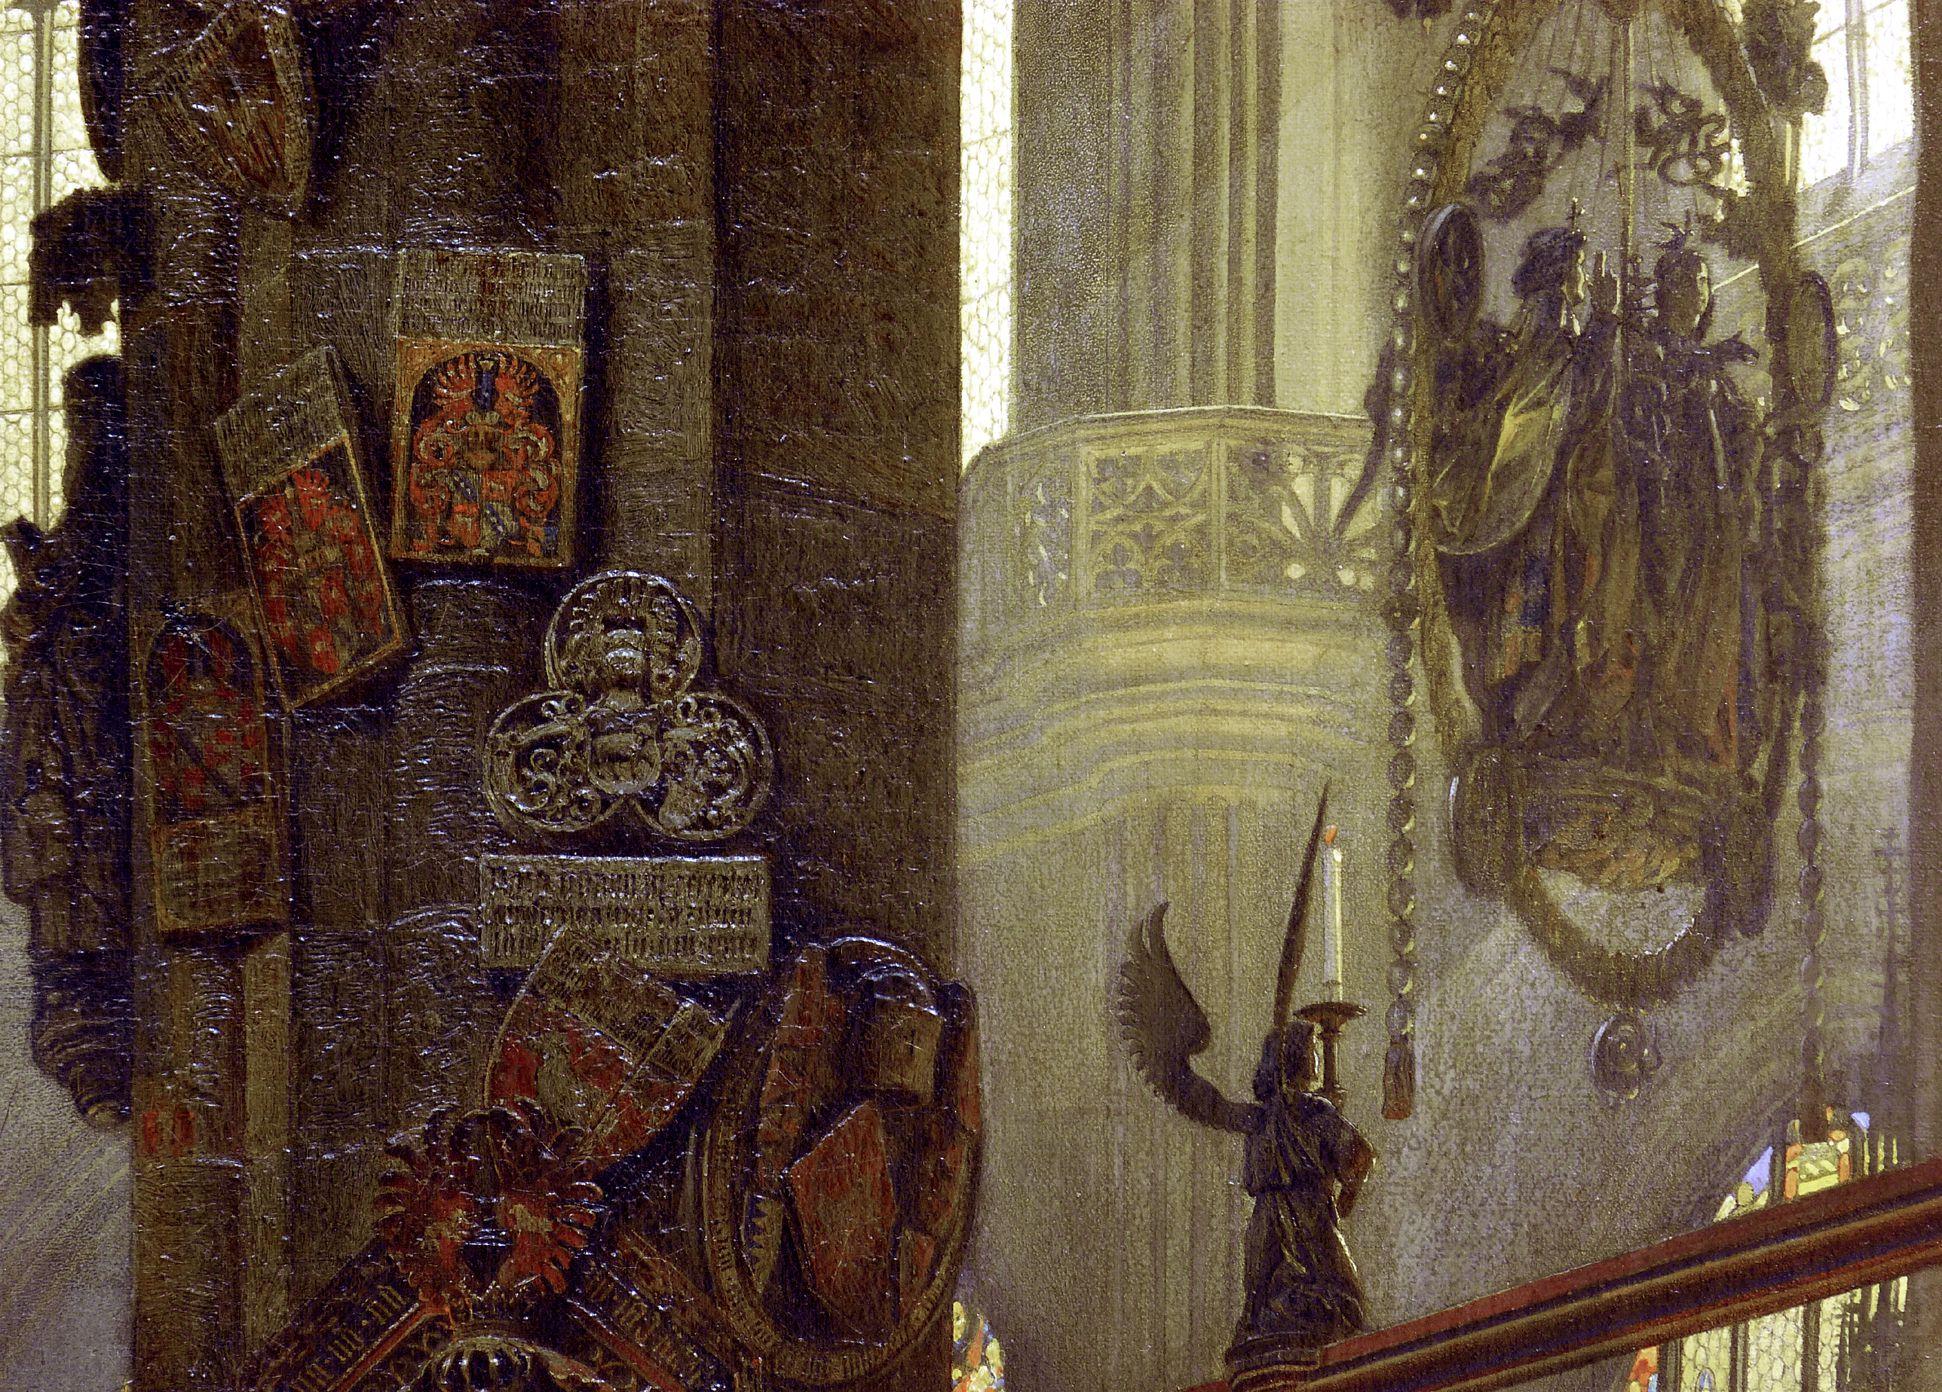 Sakramentshäuschen in der Nürnberger Lorenzkirche mit Brautzug aus dem frühen 17. Jahrhundert Detailansicht mit Totenschilden und Englischen Gruss